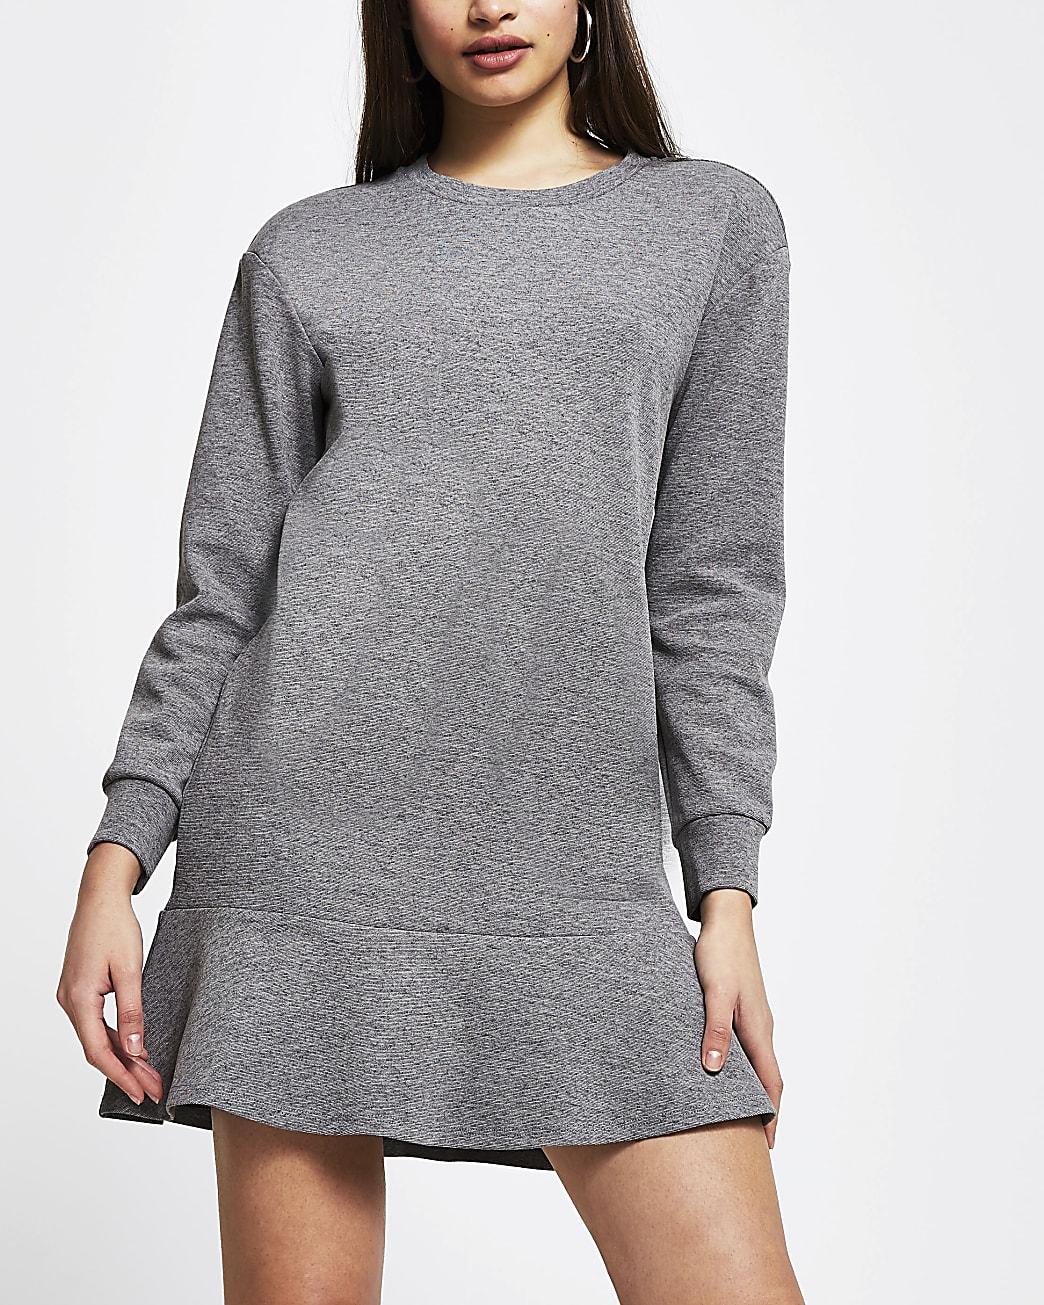 Grey frill hem long sleeve mini sweater dress